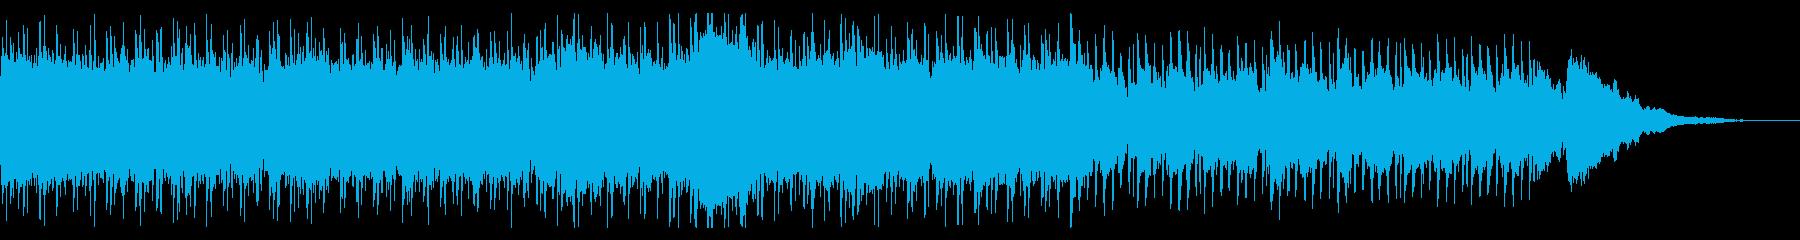 オープニングっぽいギターロックインストの再生済みの波形